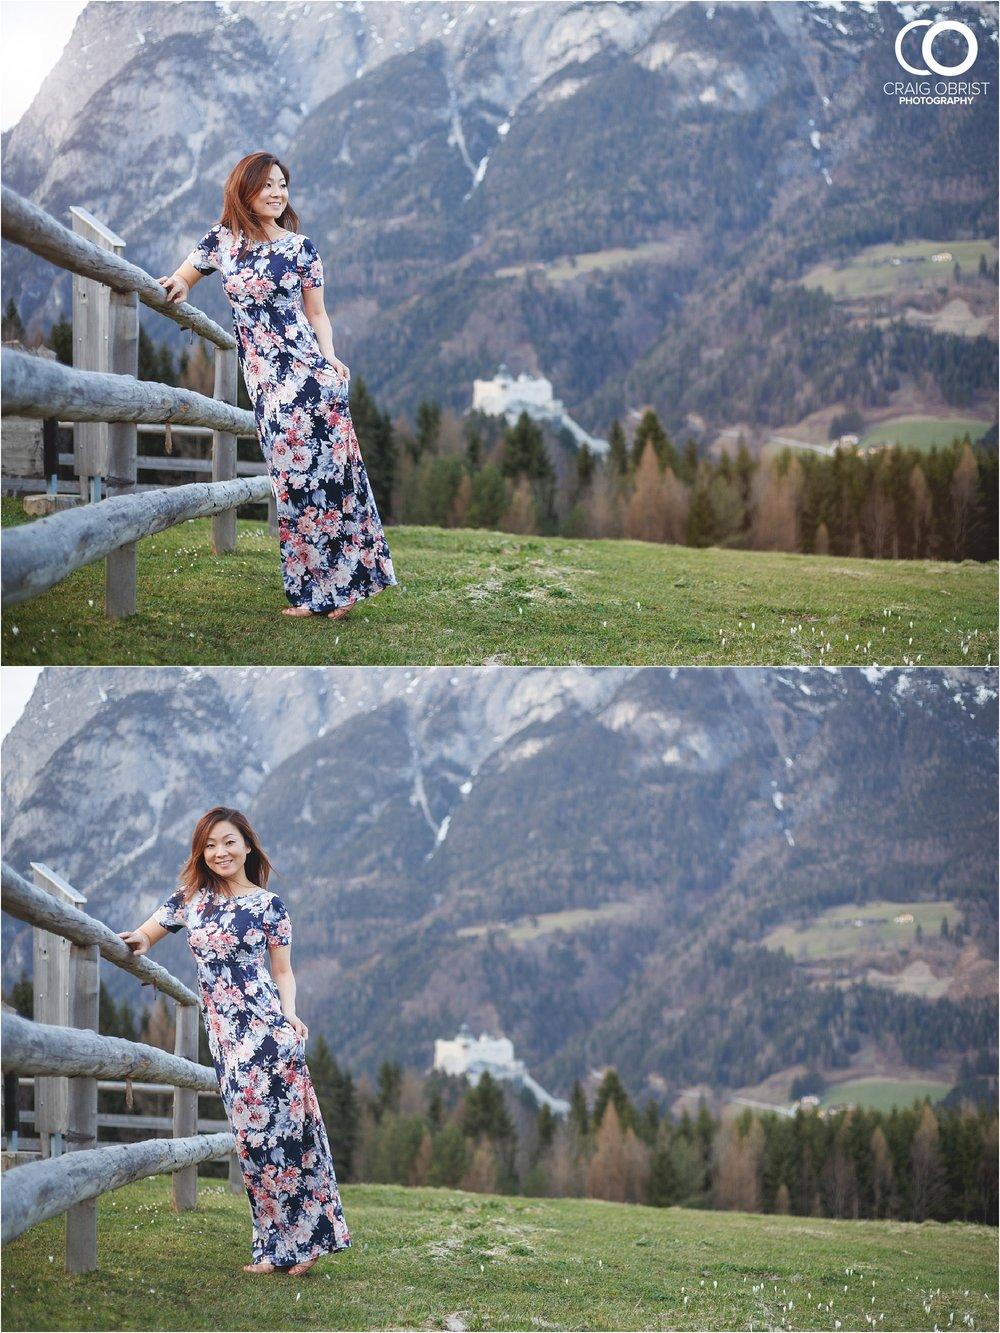 Vienna Craig Obrist Photography Anniversary Austria Trip 2018_0032.jpg